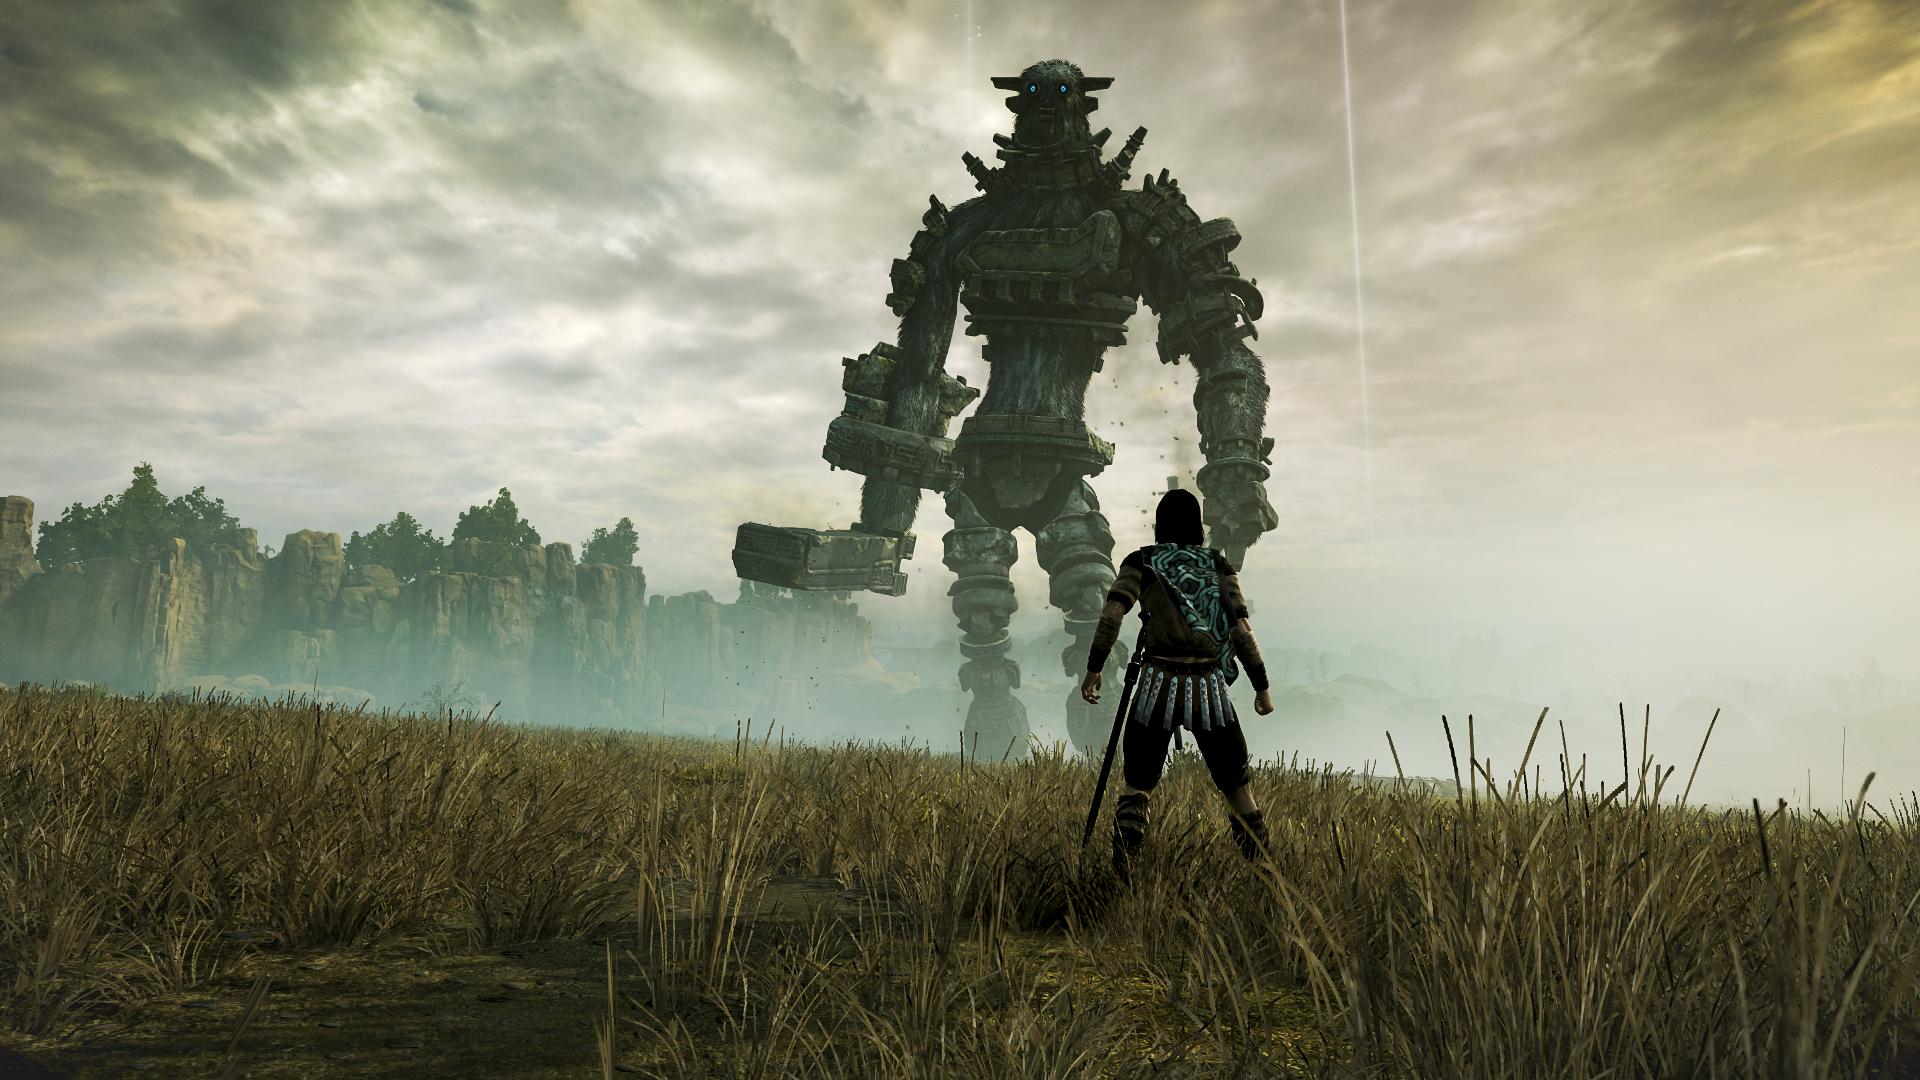 Criador de Shadow of the Colossus está trabalhando em novo jogo - Jogazera